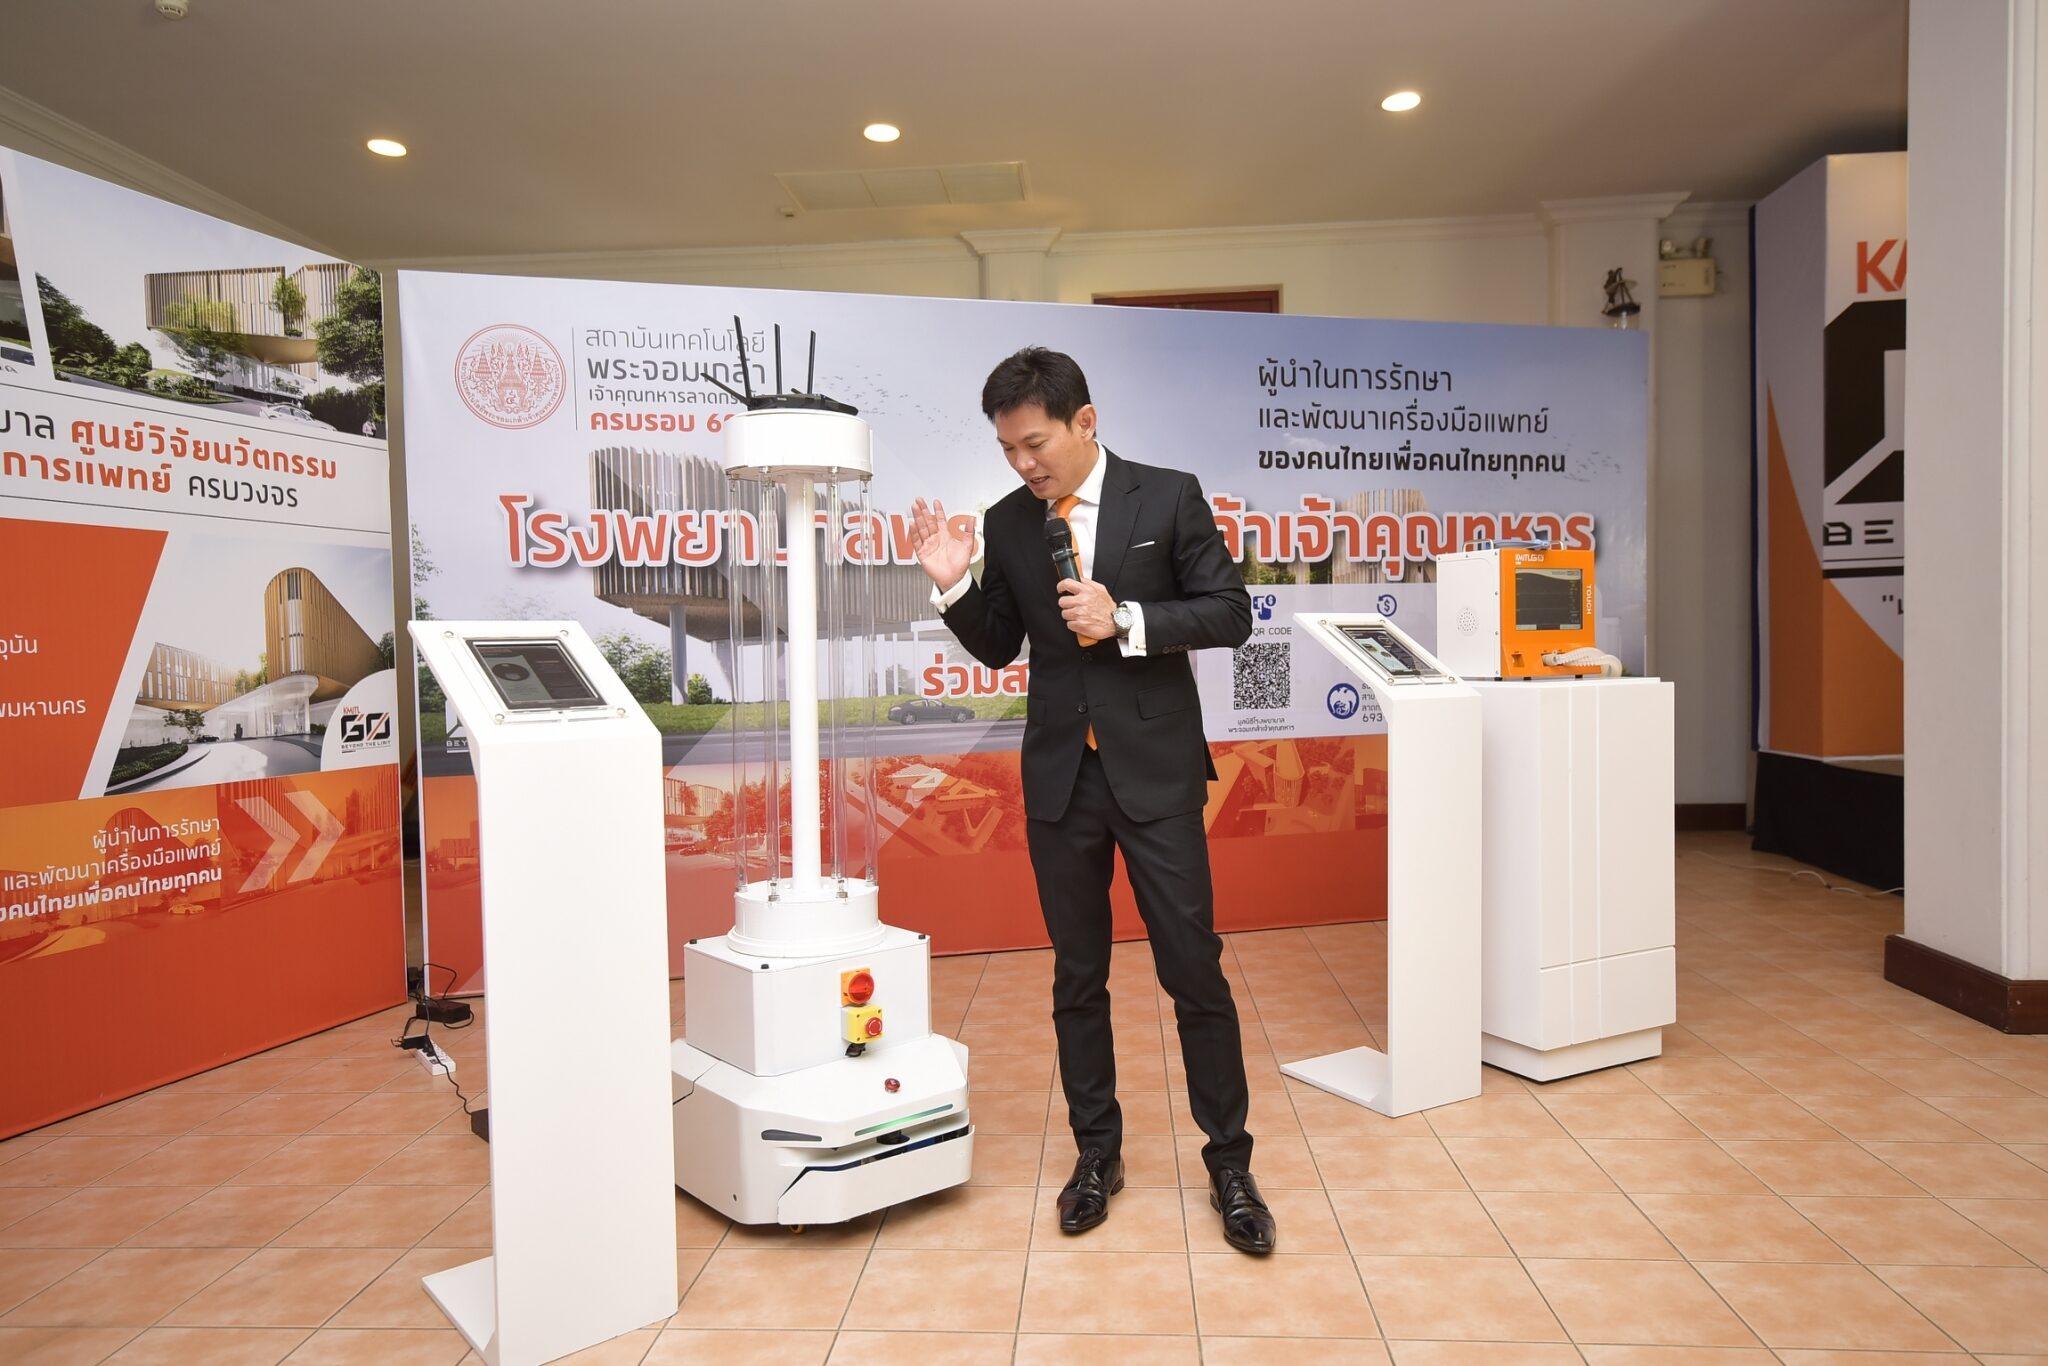 อว.-สจล.'ร่วมผลักดัน นักวิจัยไทยกลุ่มการแพทย์ ชูแนวคิด'ไทยทำ! ไทยใช้! ไทยรอด!'